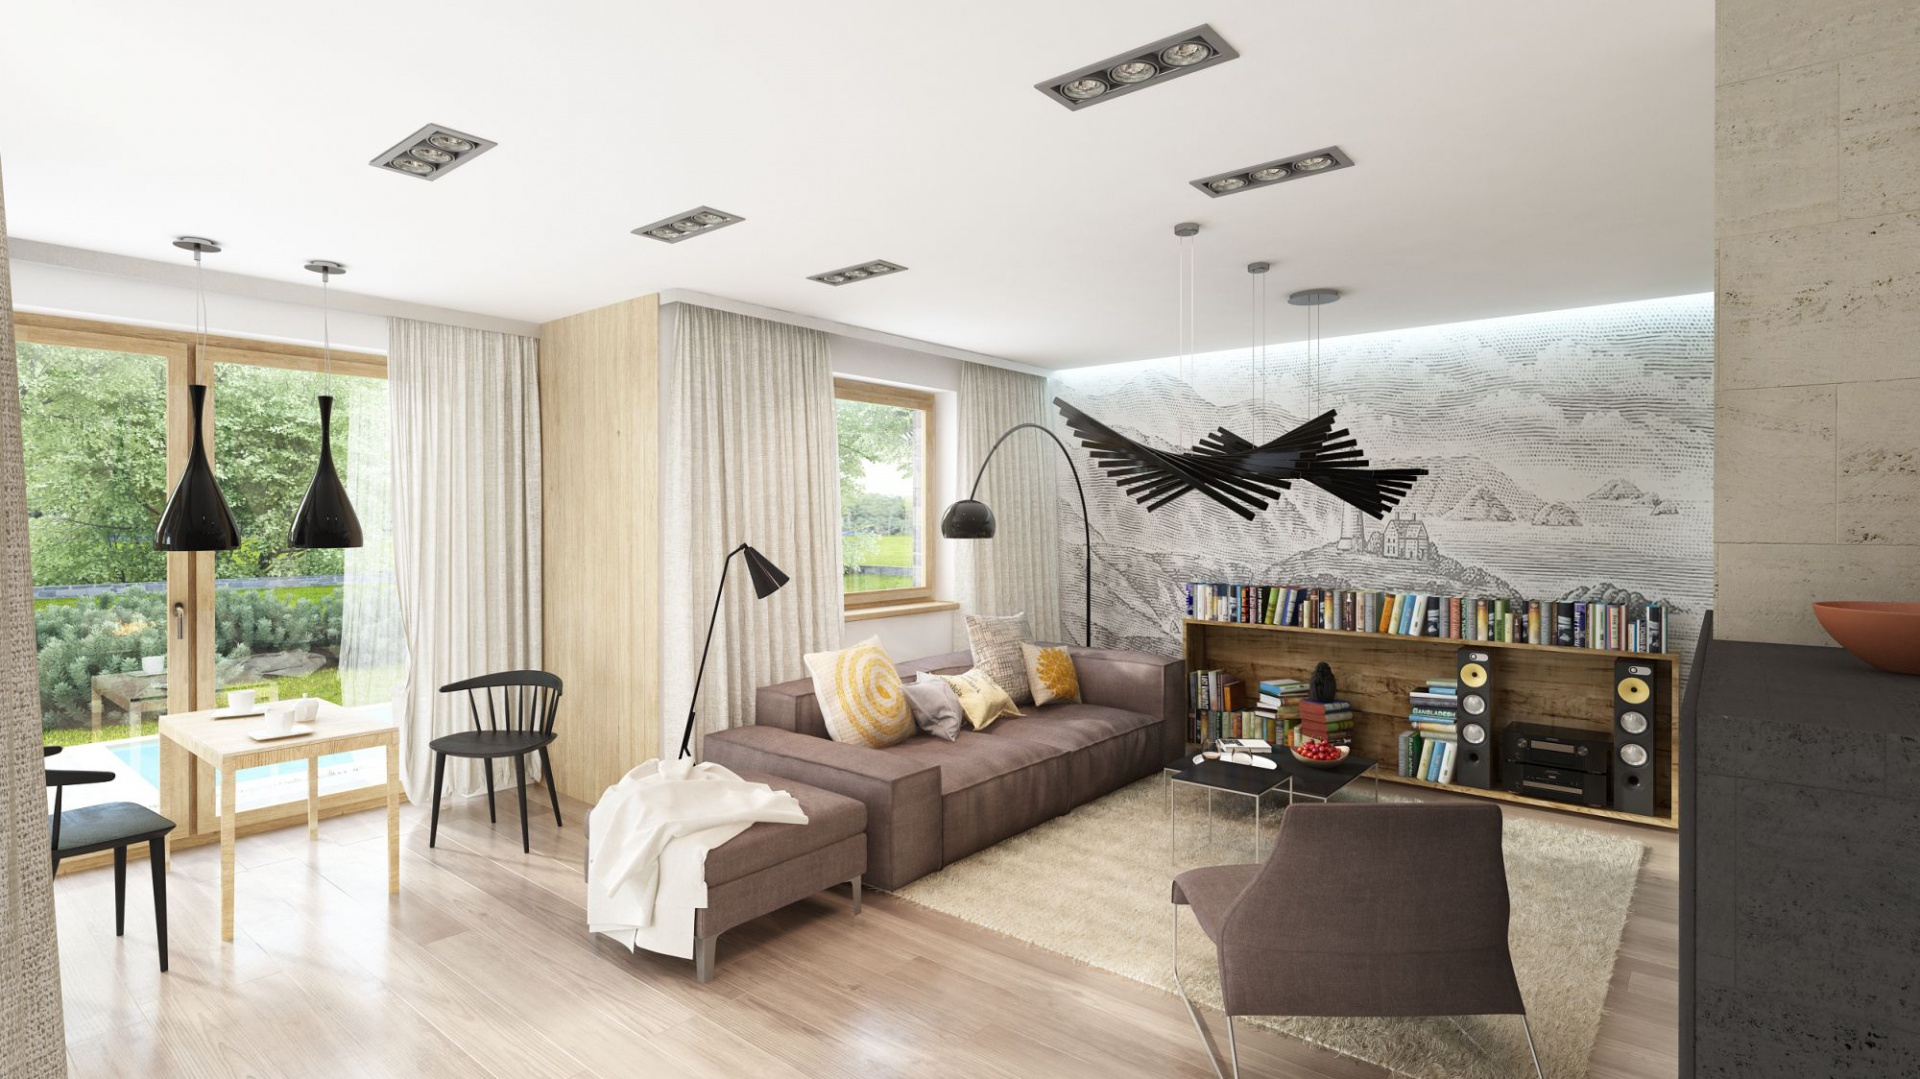 Nowoczesny dom: funkcjonalny układ i piękne wnętrza